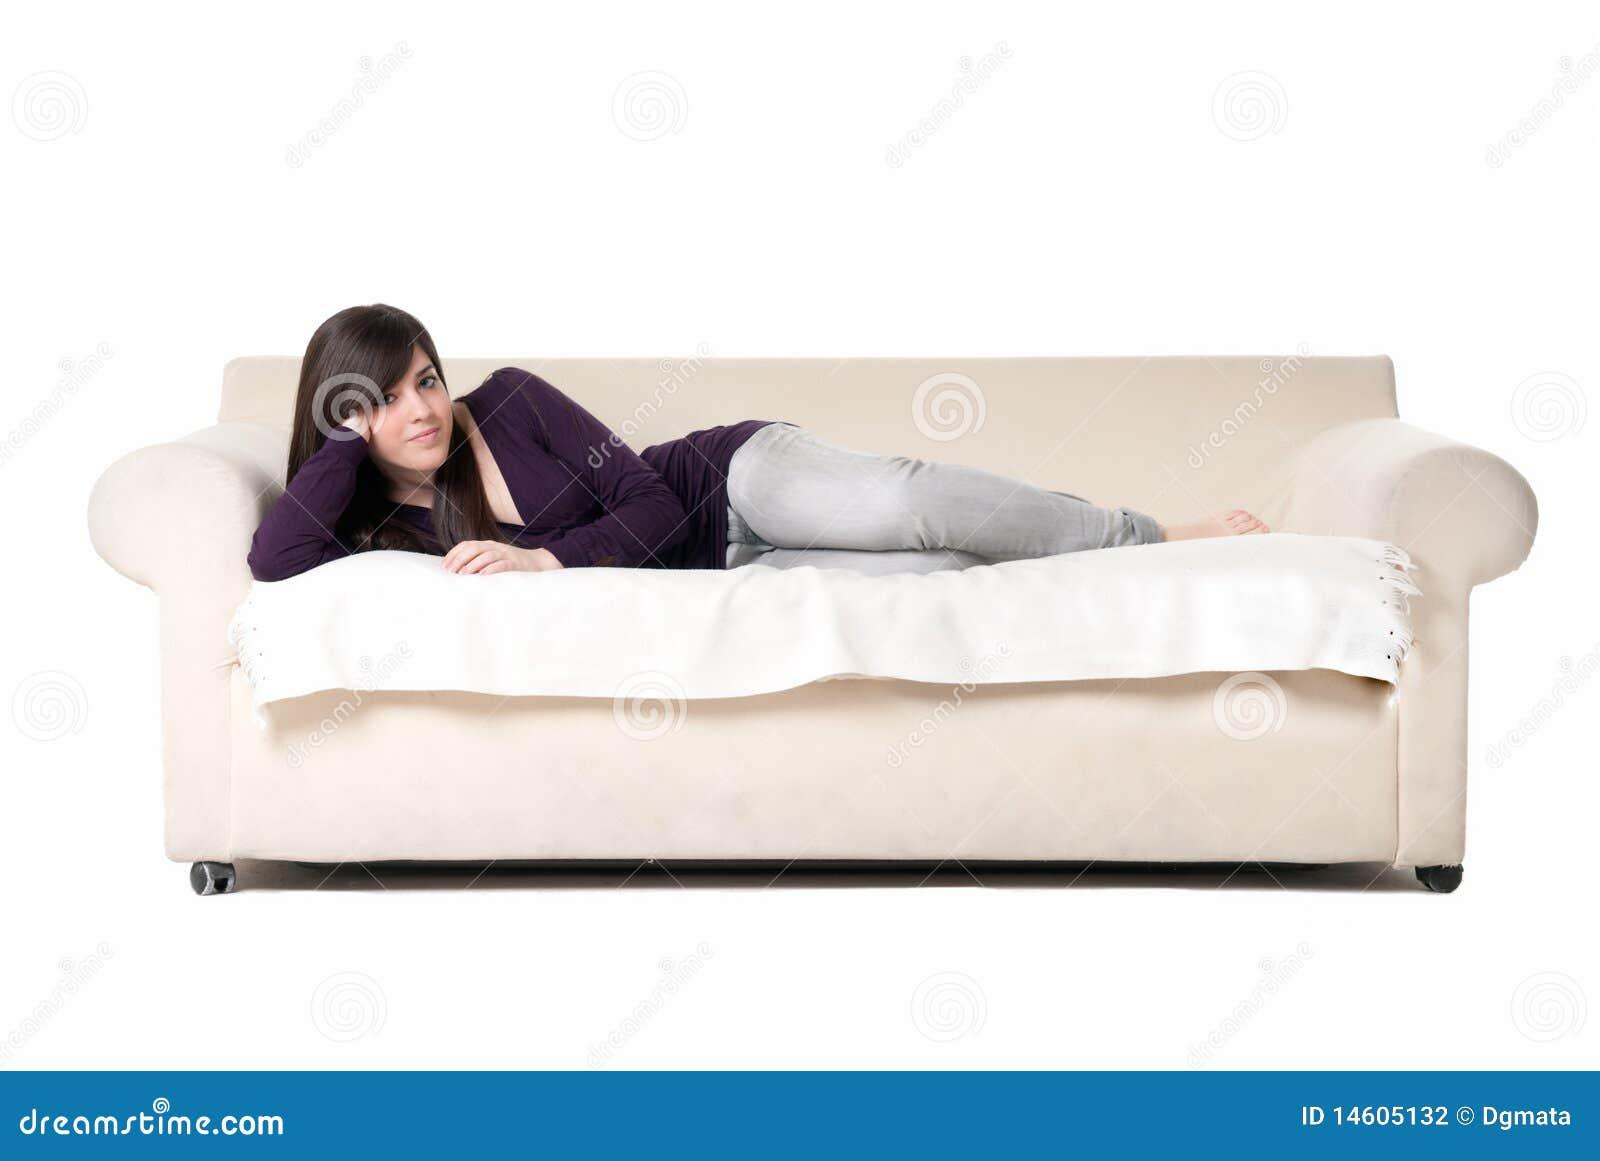 Сидя дома на диване для взрослых 12 фотография